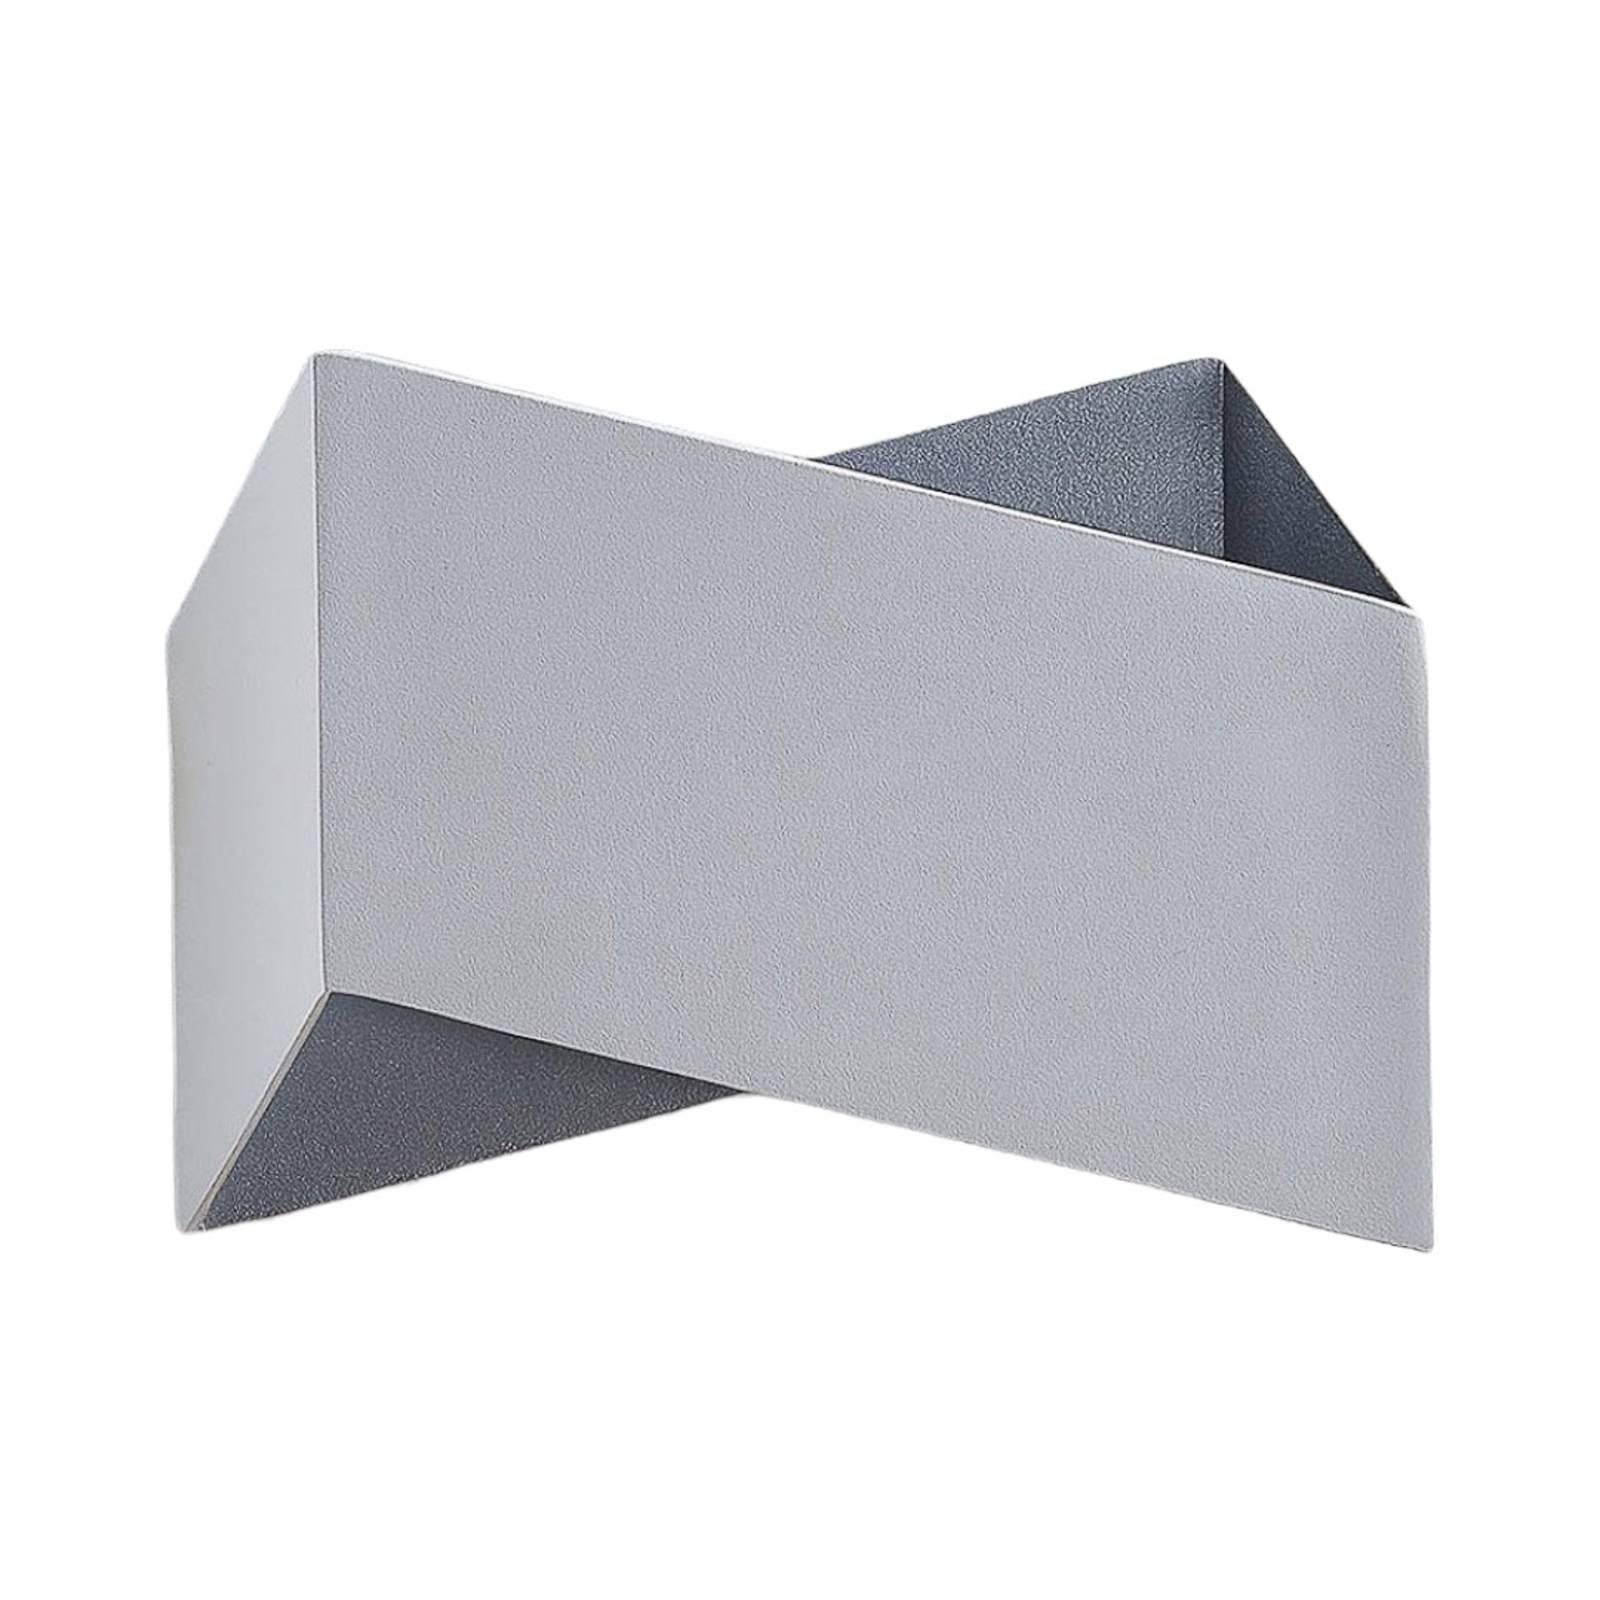 Arcchio 9621854 Würfelförmige LED-Wandleuchte Lampe Zuzana dimmbar weiß eckig